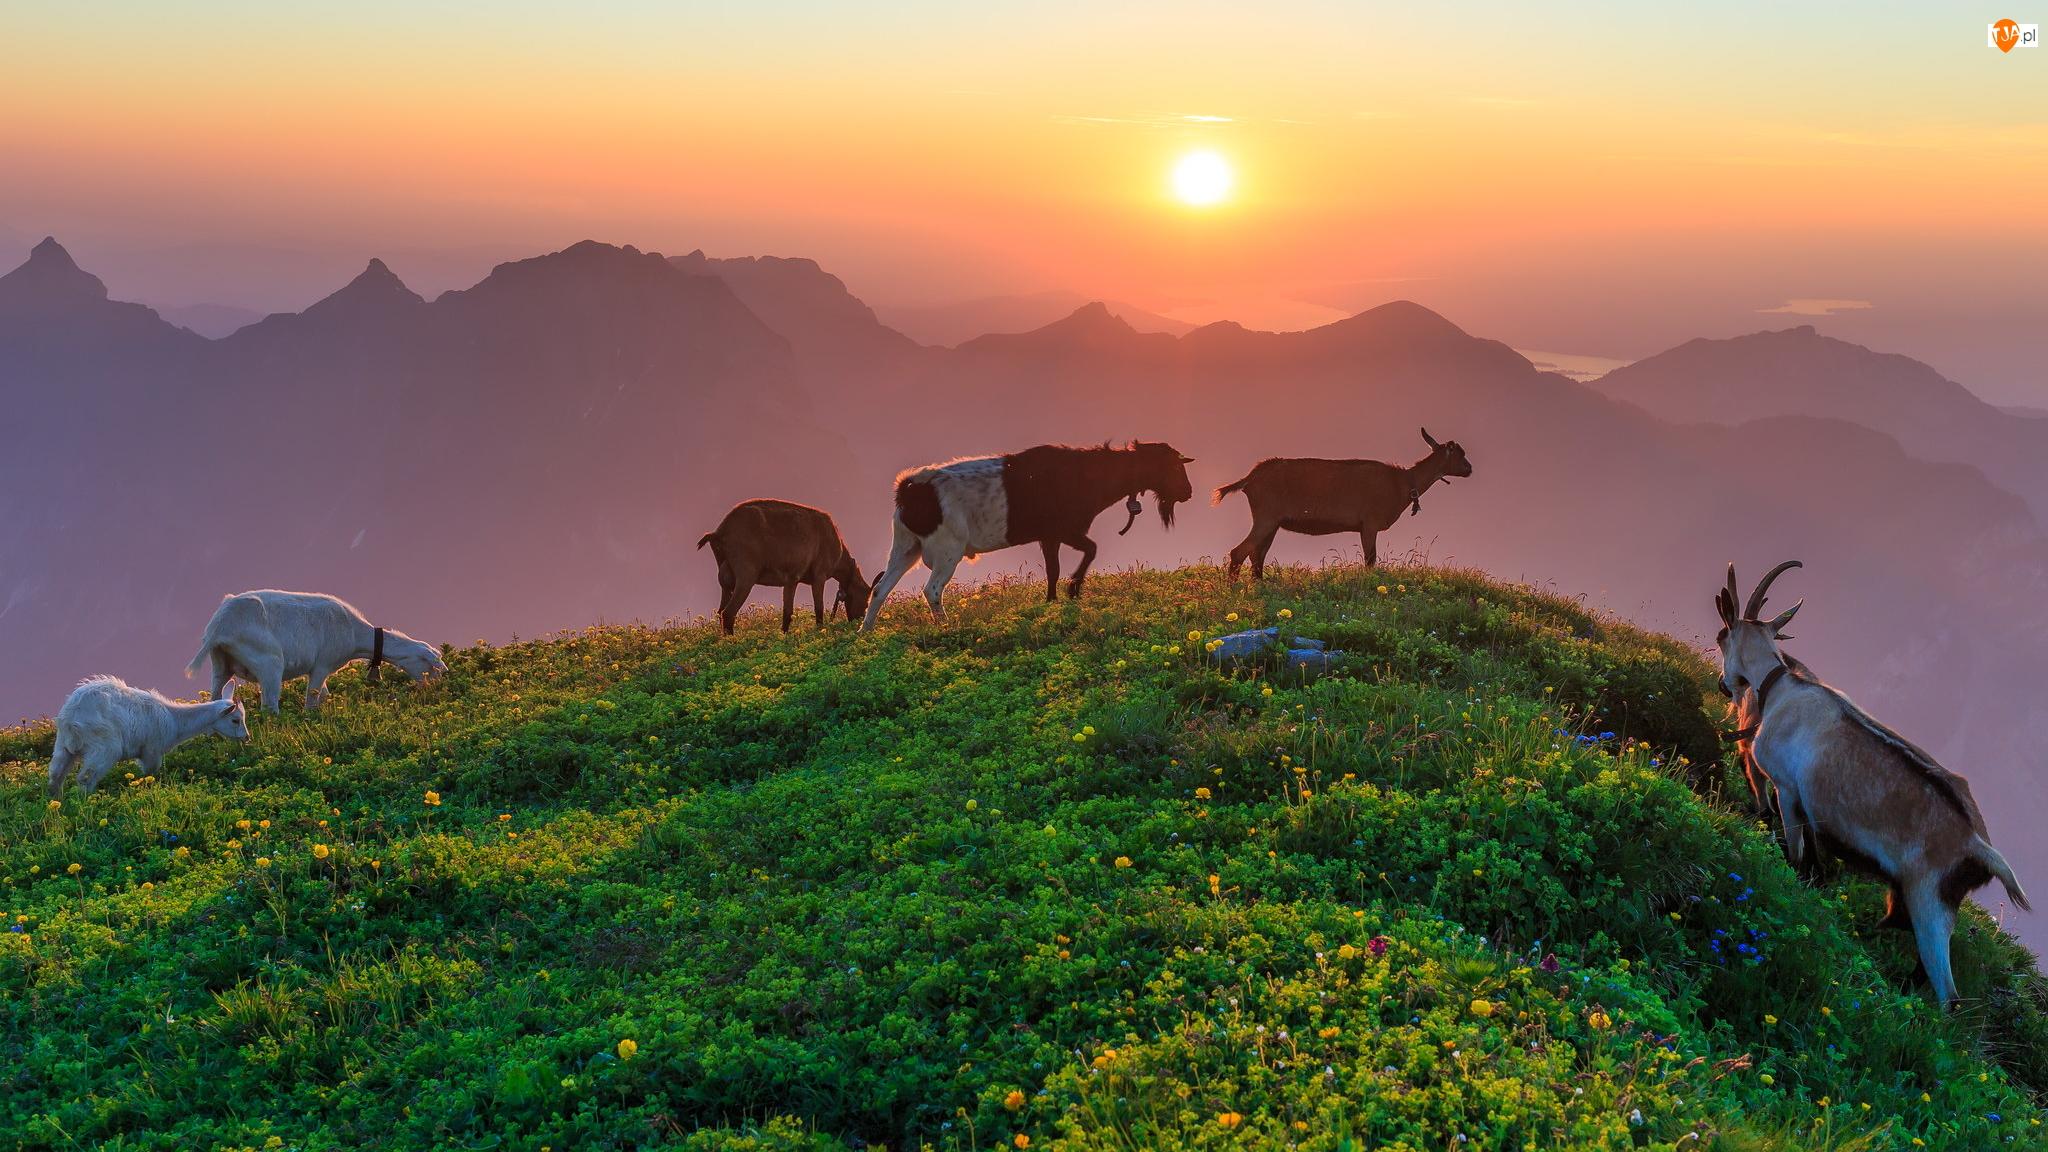 Zachód słońca, Kozy, Wzgórze, Góry